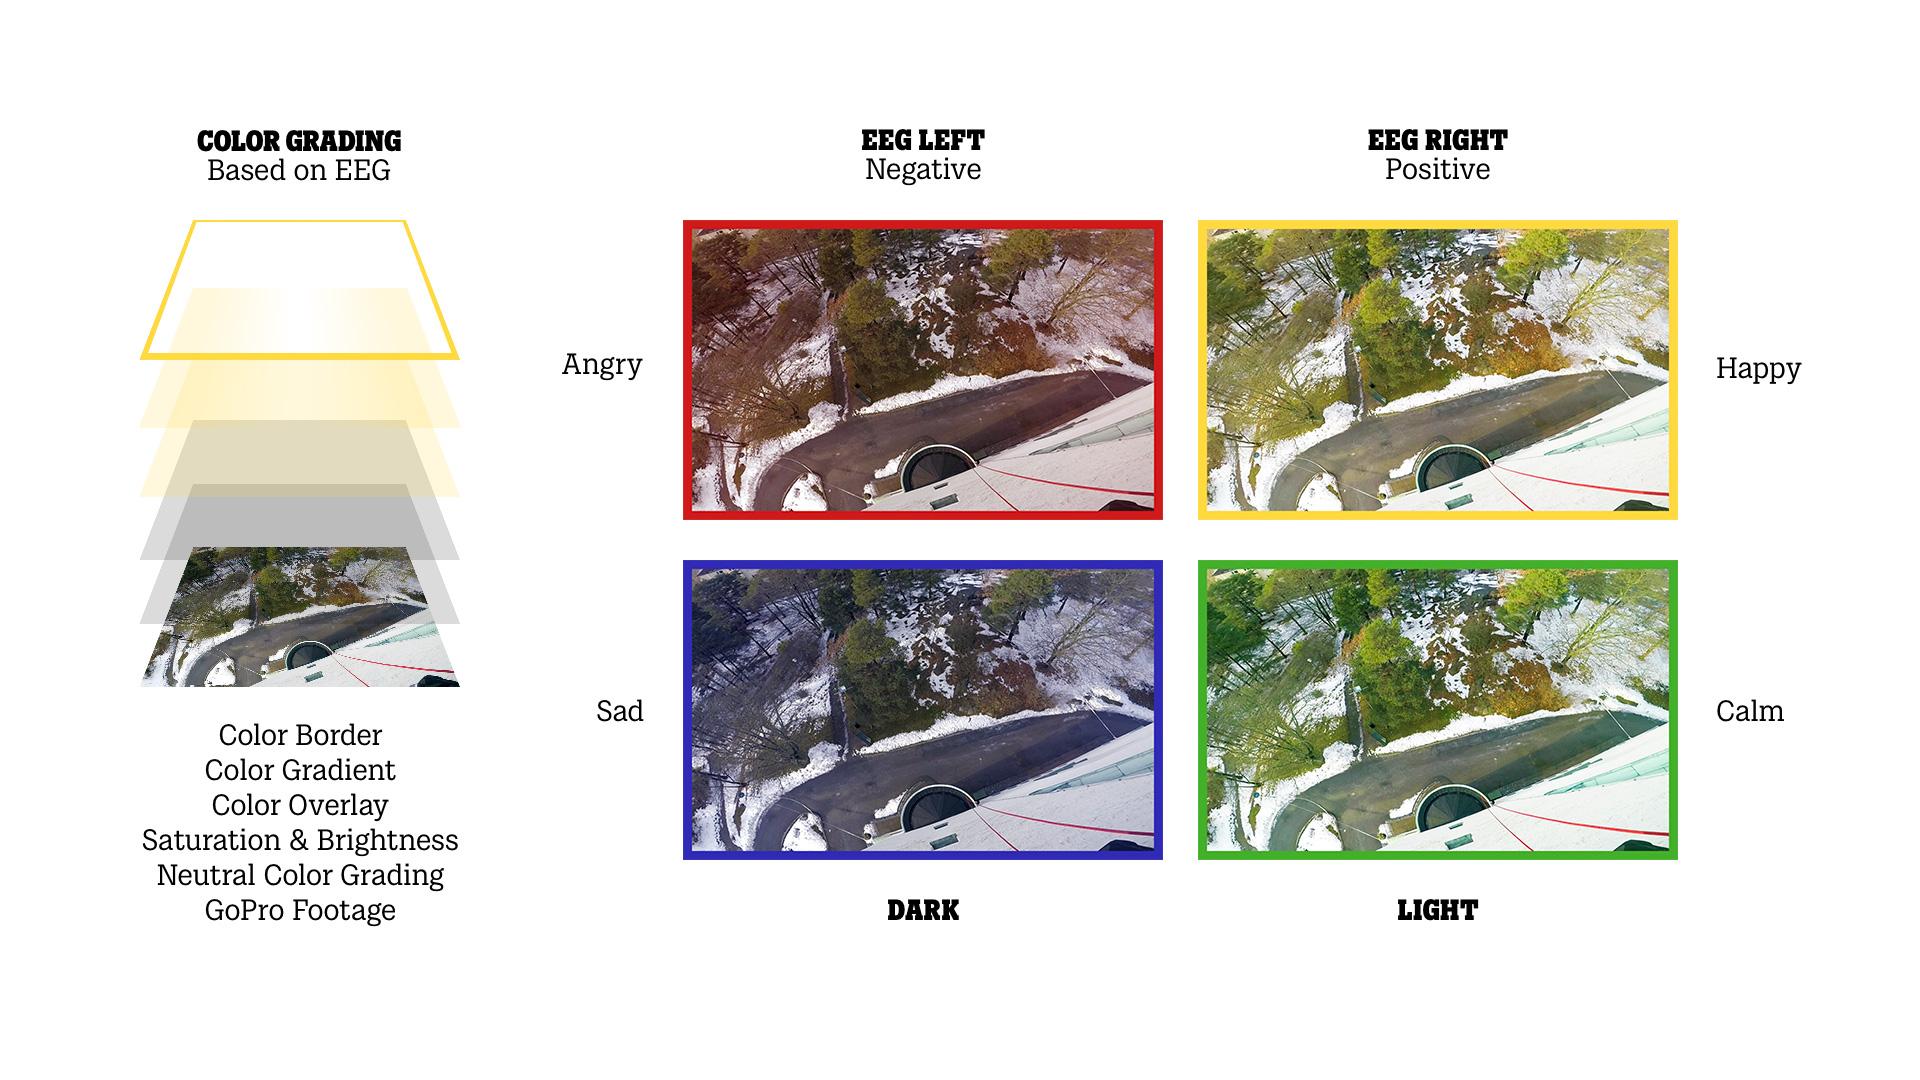 tele2_case_slides_colorgrading